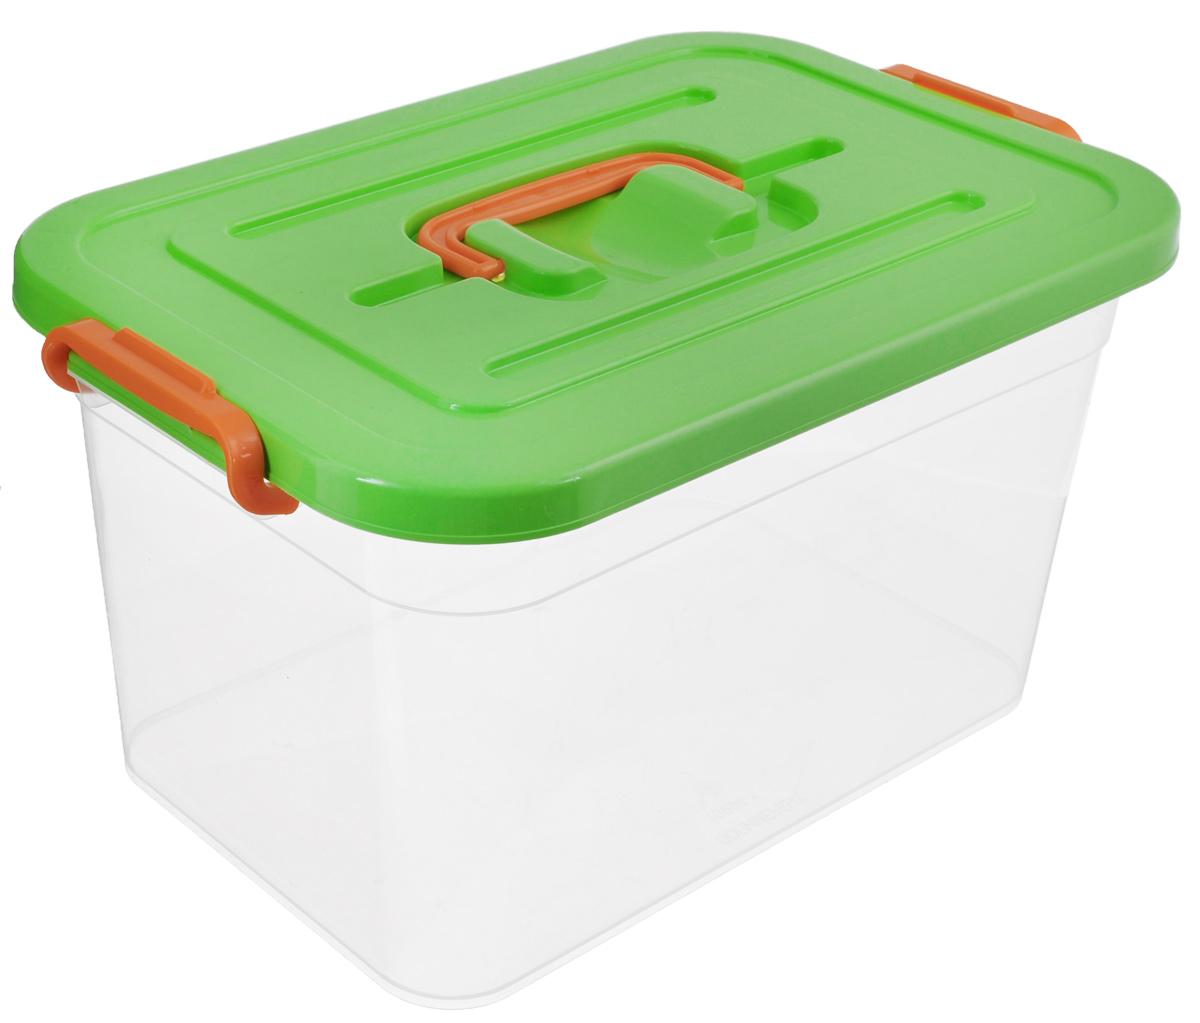 Контейнер для хранения Полимербыт, цвет: прозрачный, салатовый, 10 л1004900000360Контейнер для хранения Полимербыт выполнен из высококачественного полипропилена. Изделие снабжено удобной ручкой и двумя фиксаторами по бокам, придающими дополнительную надежность закрывания крышки. Вместительный контейнер позволит сохранить различные нужные вещи в порядке, а герметичная крышка предотвратит случайное открывание, а также защитит содержимое от пыли и грязи.